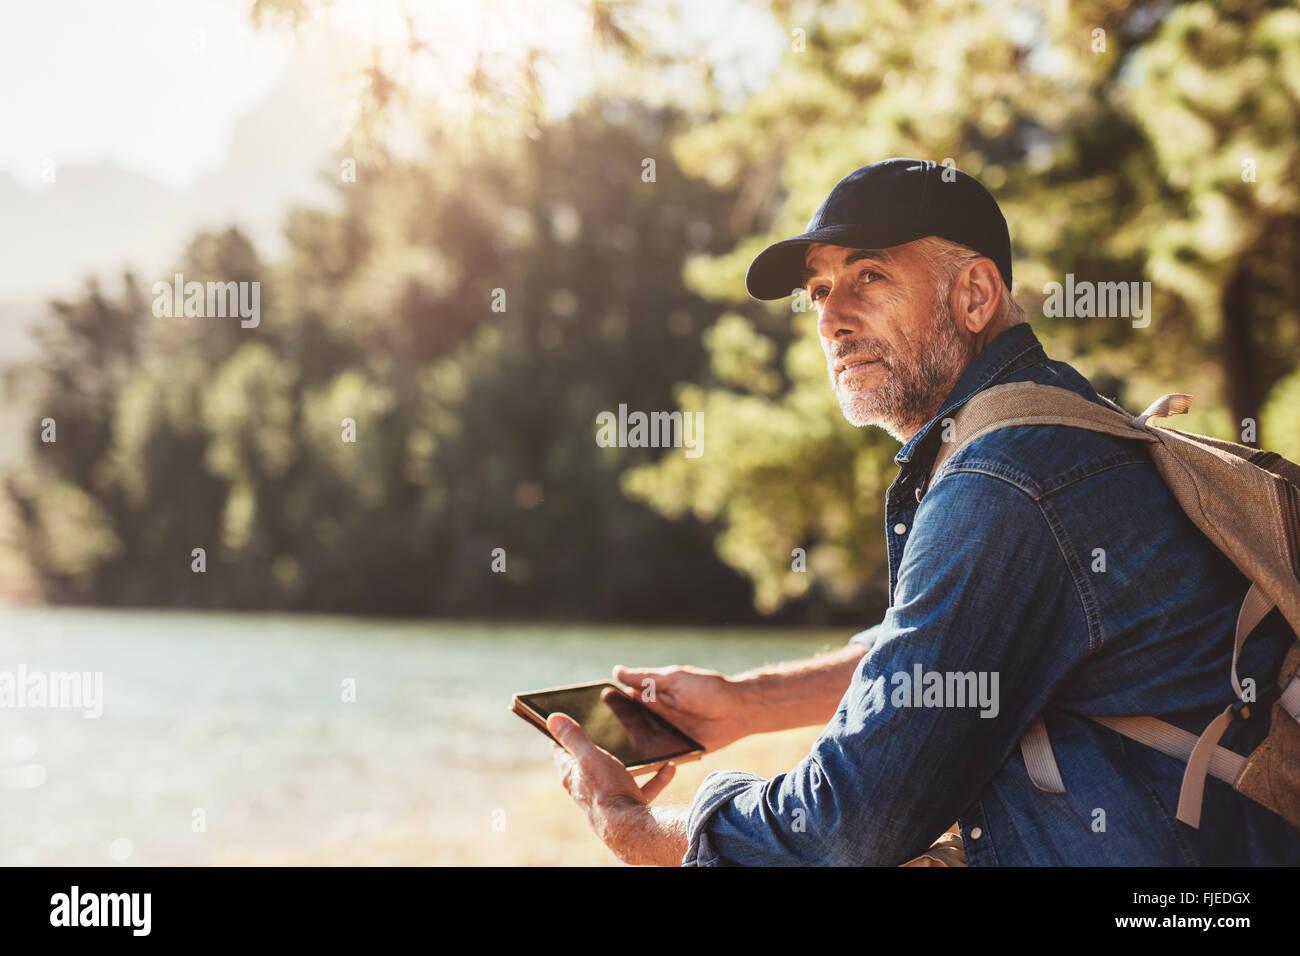 Retrato de altos hombre sentado cerca de un lago con mochila y tableta digital. Macho maduro caminante sentado en Imagen De Stock